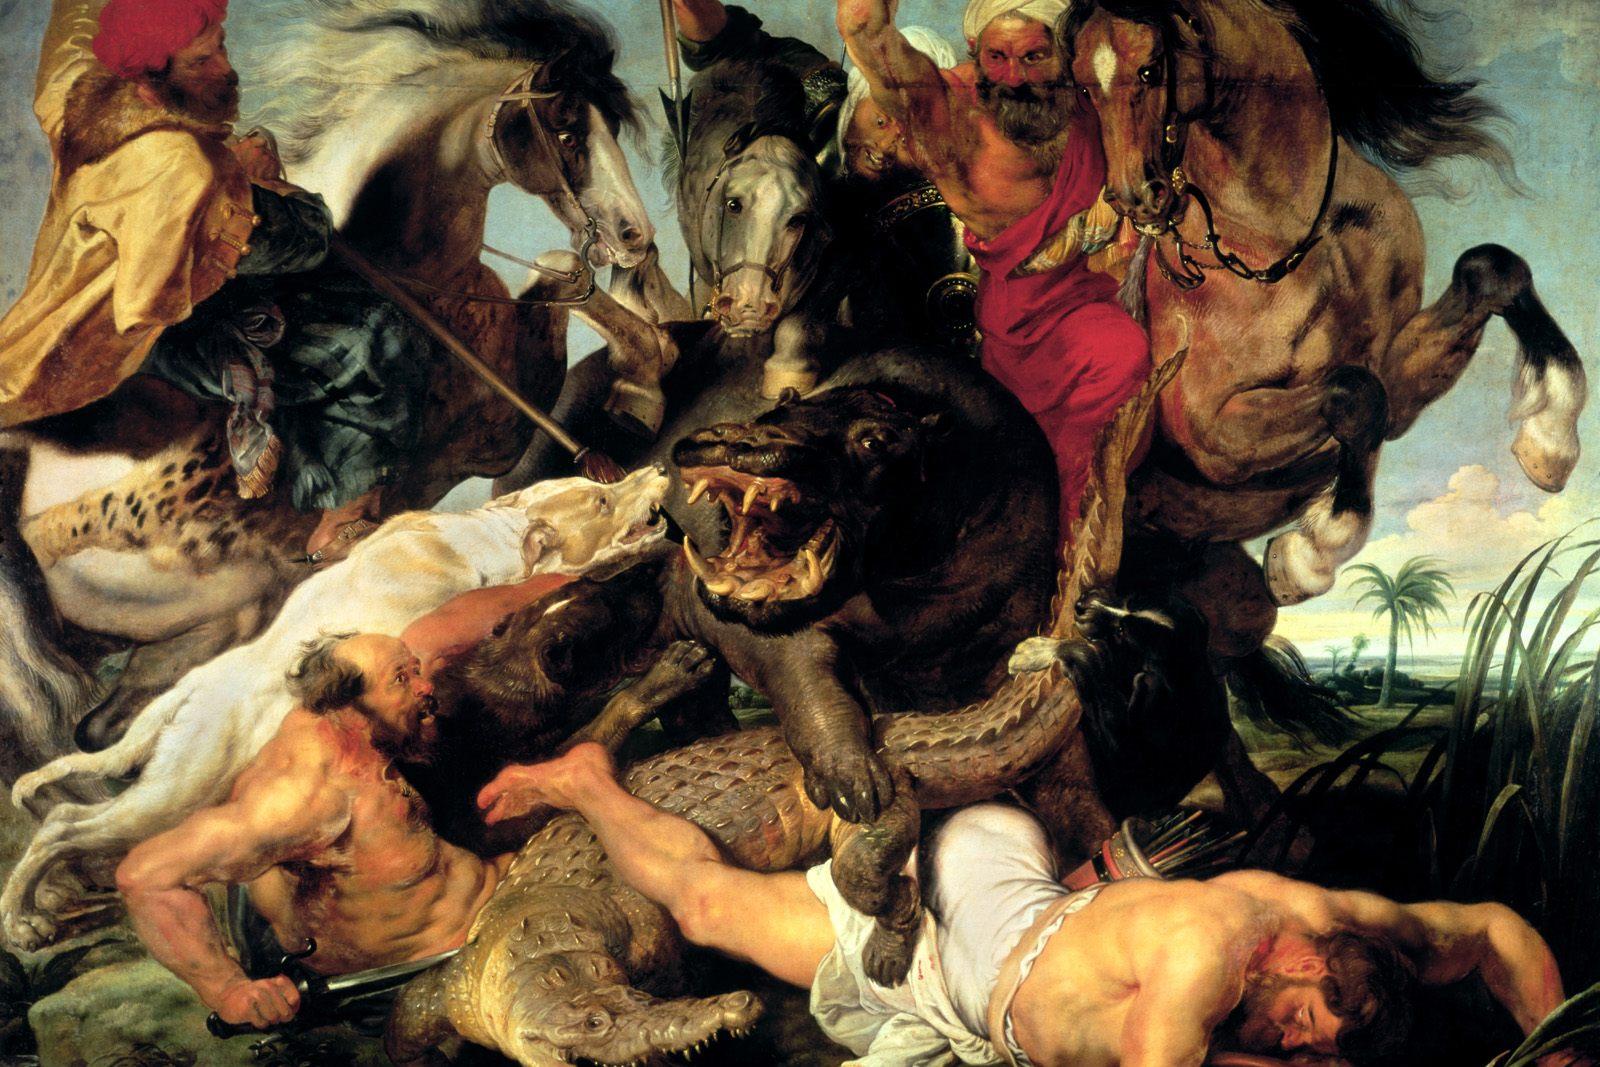 Citaten Kunst Yang Bagus : Dunia lukisan javadesindo art gallery gt media dan